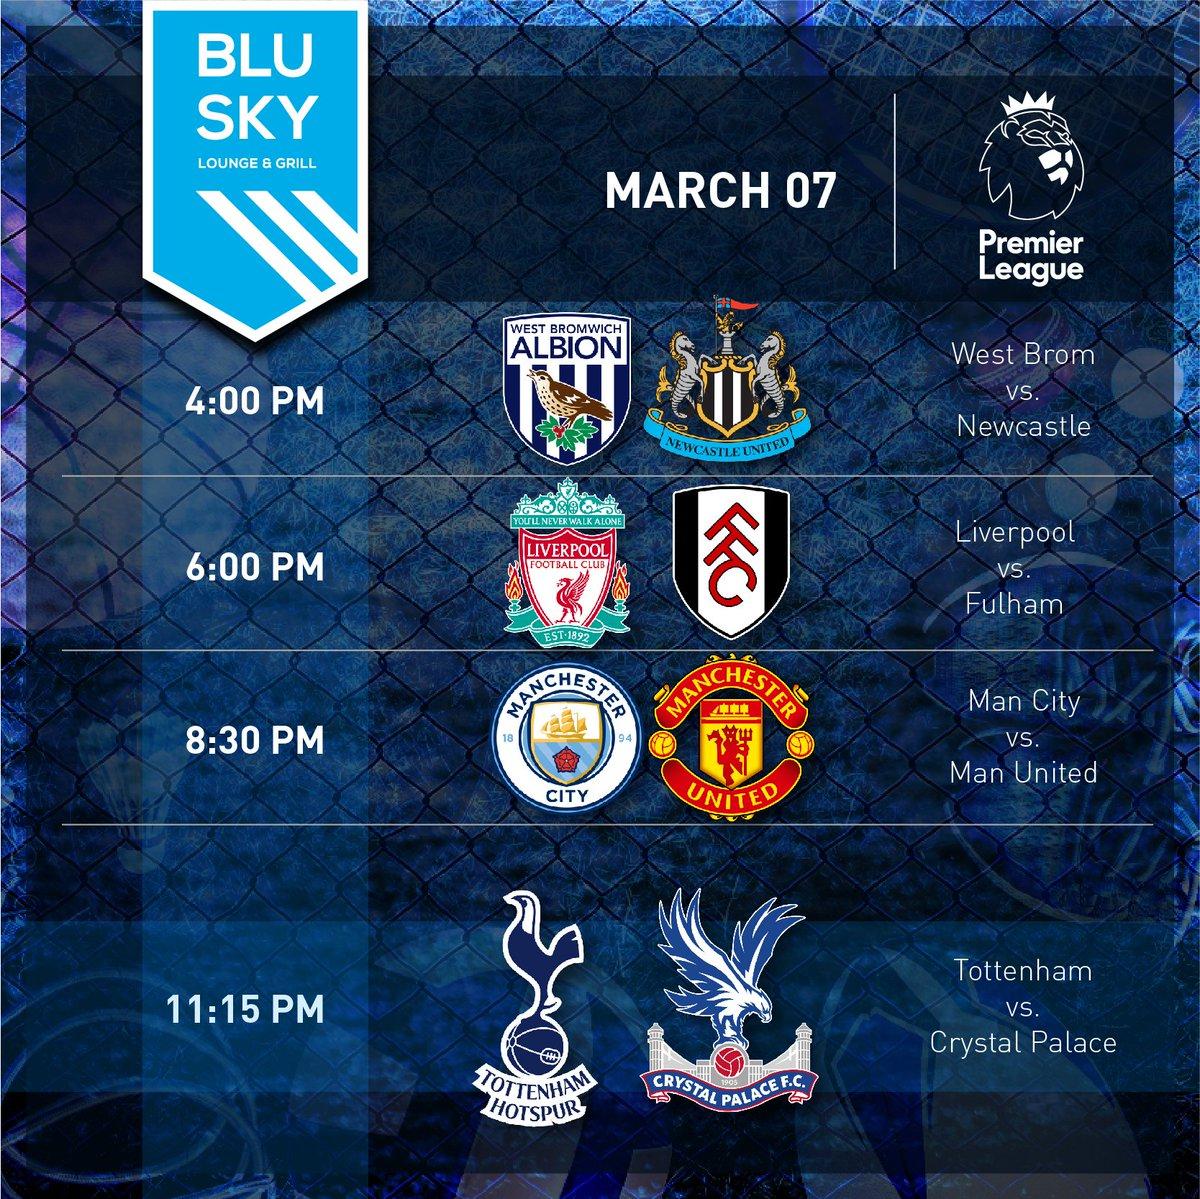 Big games happening tonight at Blu Sky.  Featuring #Liverpool vs. #Fulham at 6pm and #ManCity vs. #ManUnited at 8:30pm.  #EPL matches kickoff at 4pm and #LaLiga at 5pm.     #football #PremierLeague #abudhabisports #SportsBar #inAbuDhabi #yoUAE